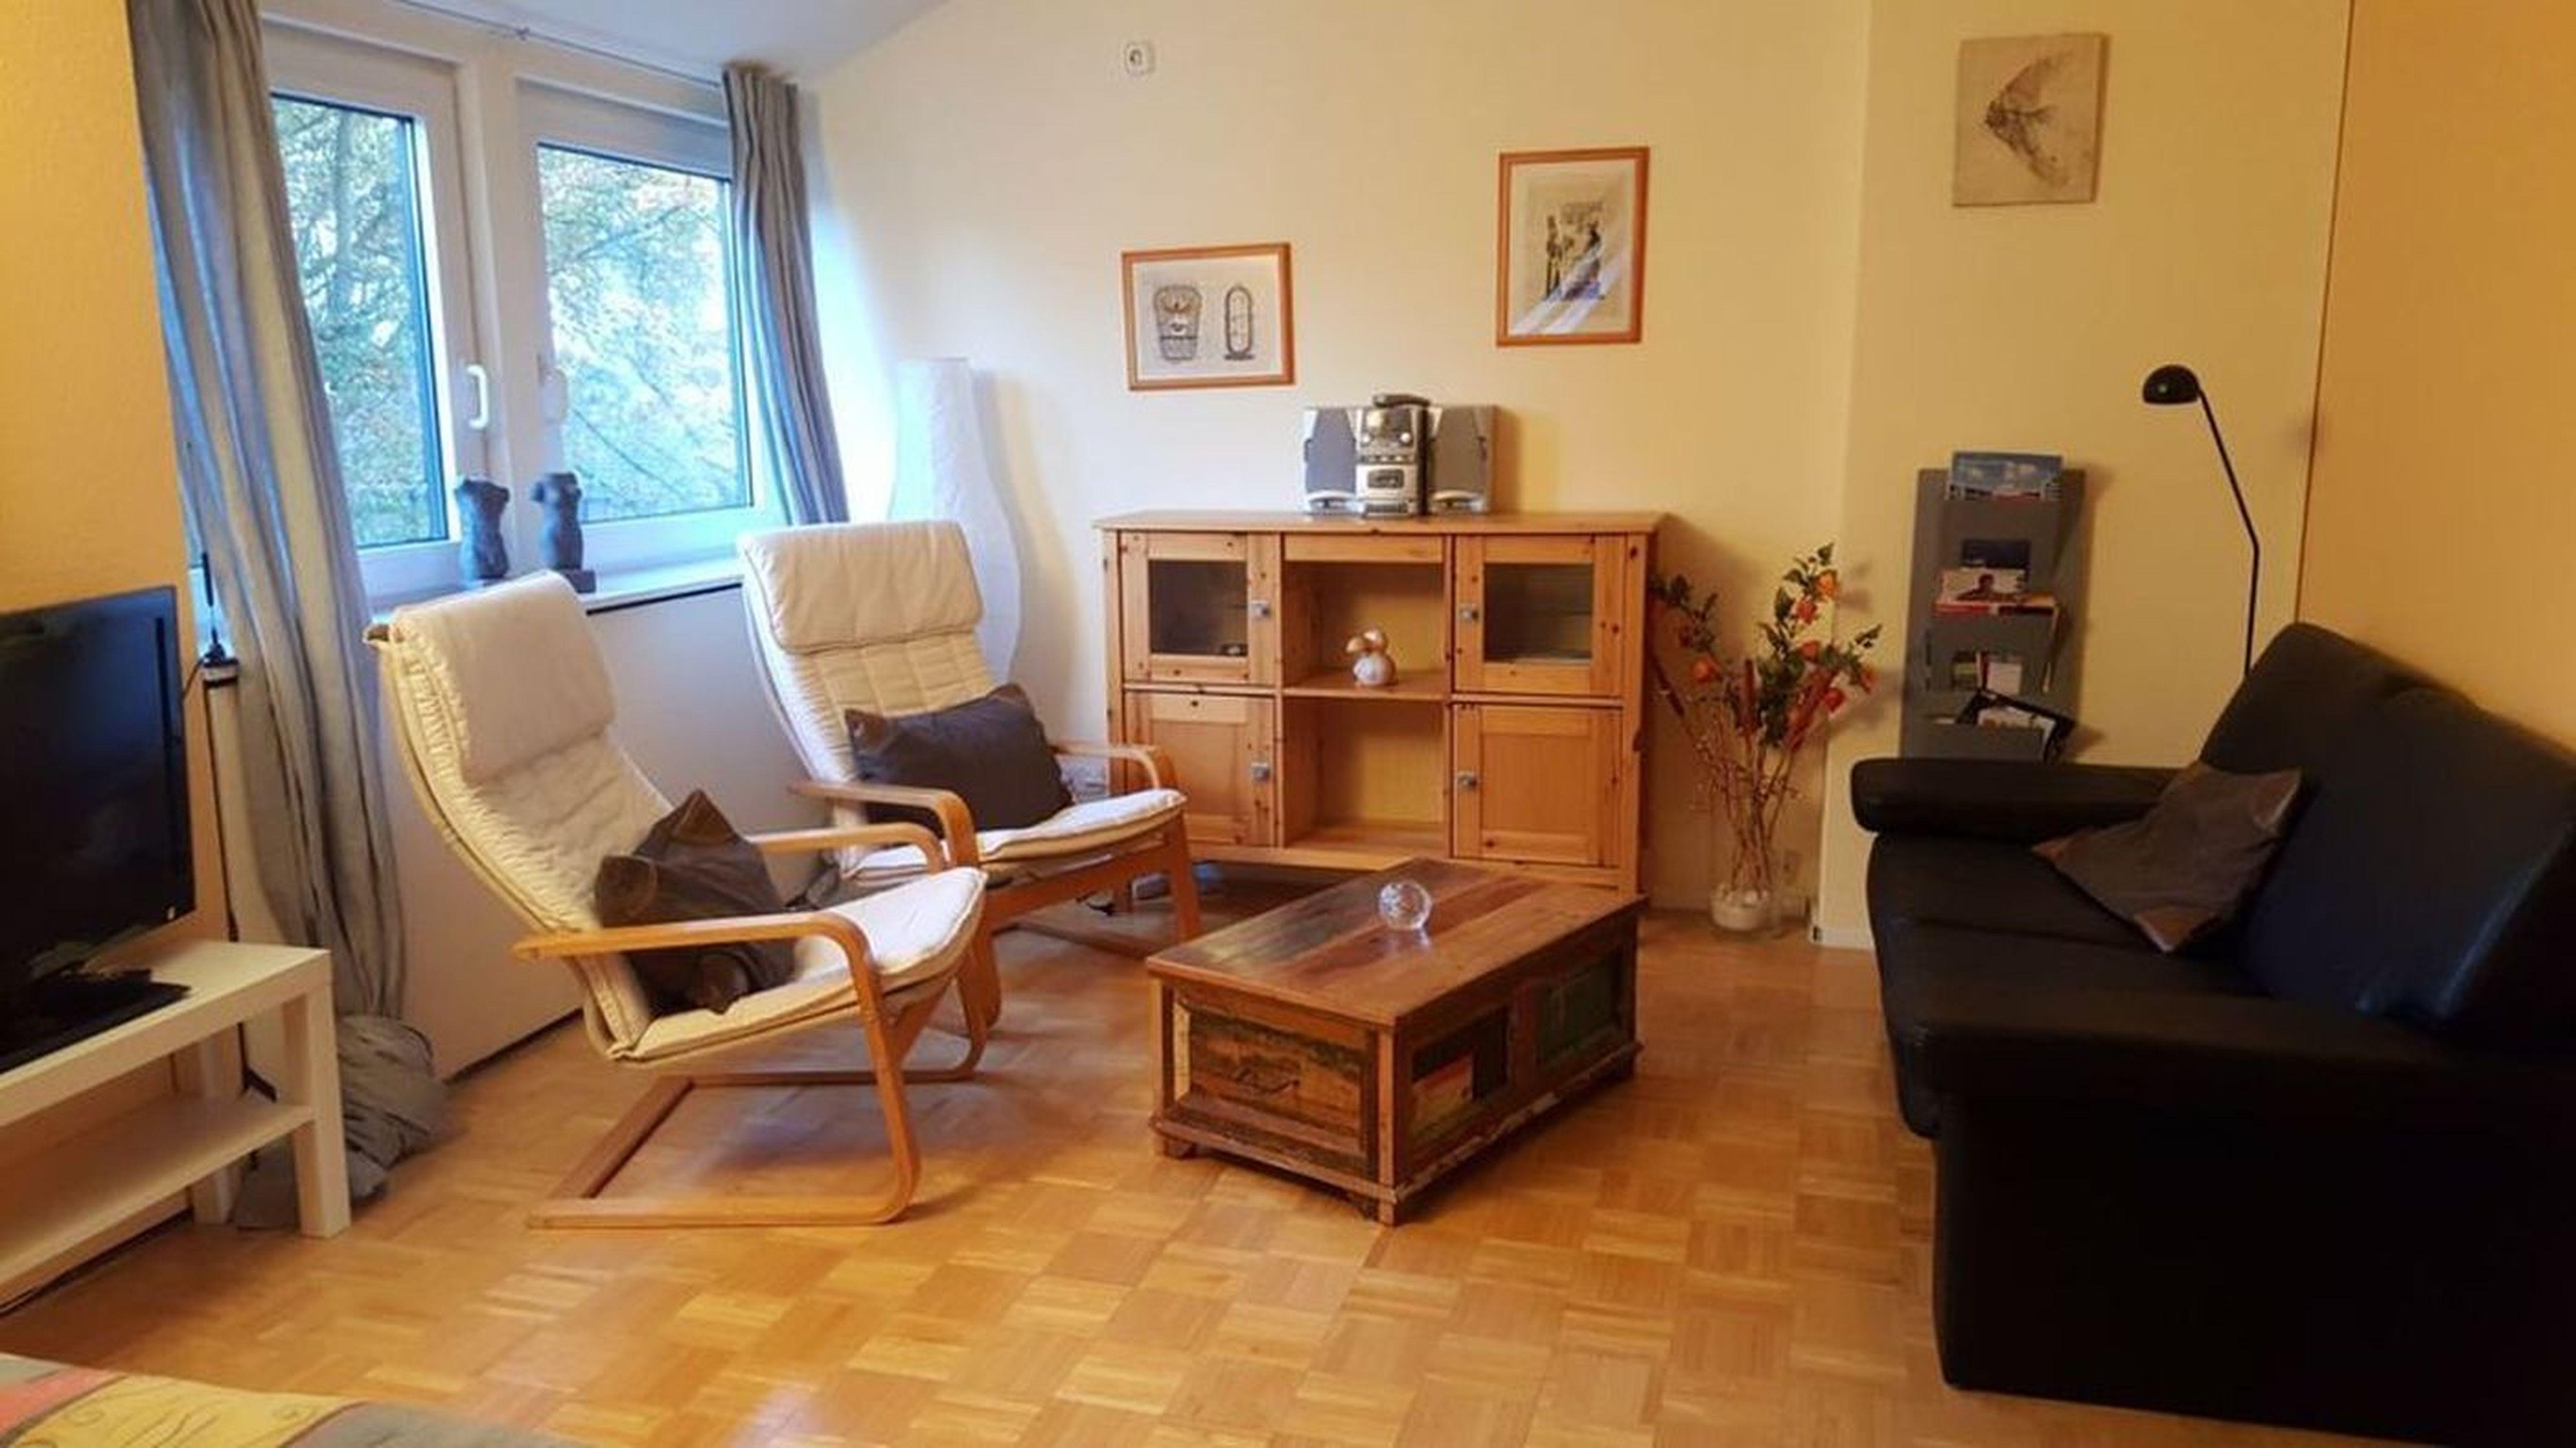 Ferienwohnung Zuhause in der Ferne - in der Nähe von Bremen (2379337), Bremen, , Bremen, Deutschland, Bild 4